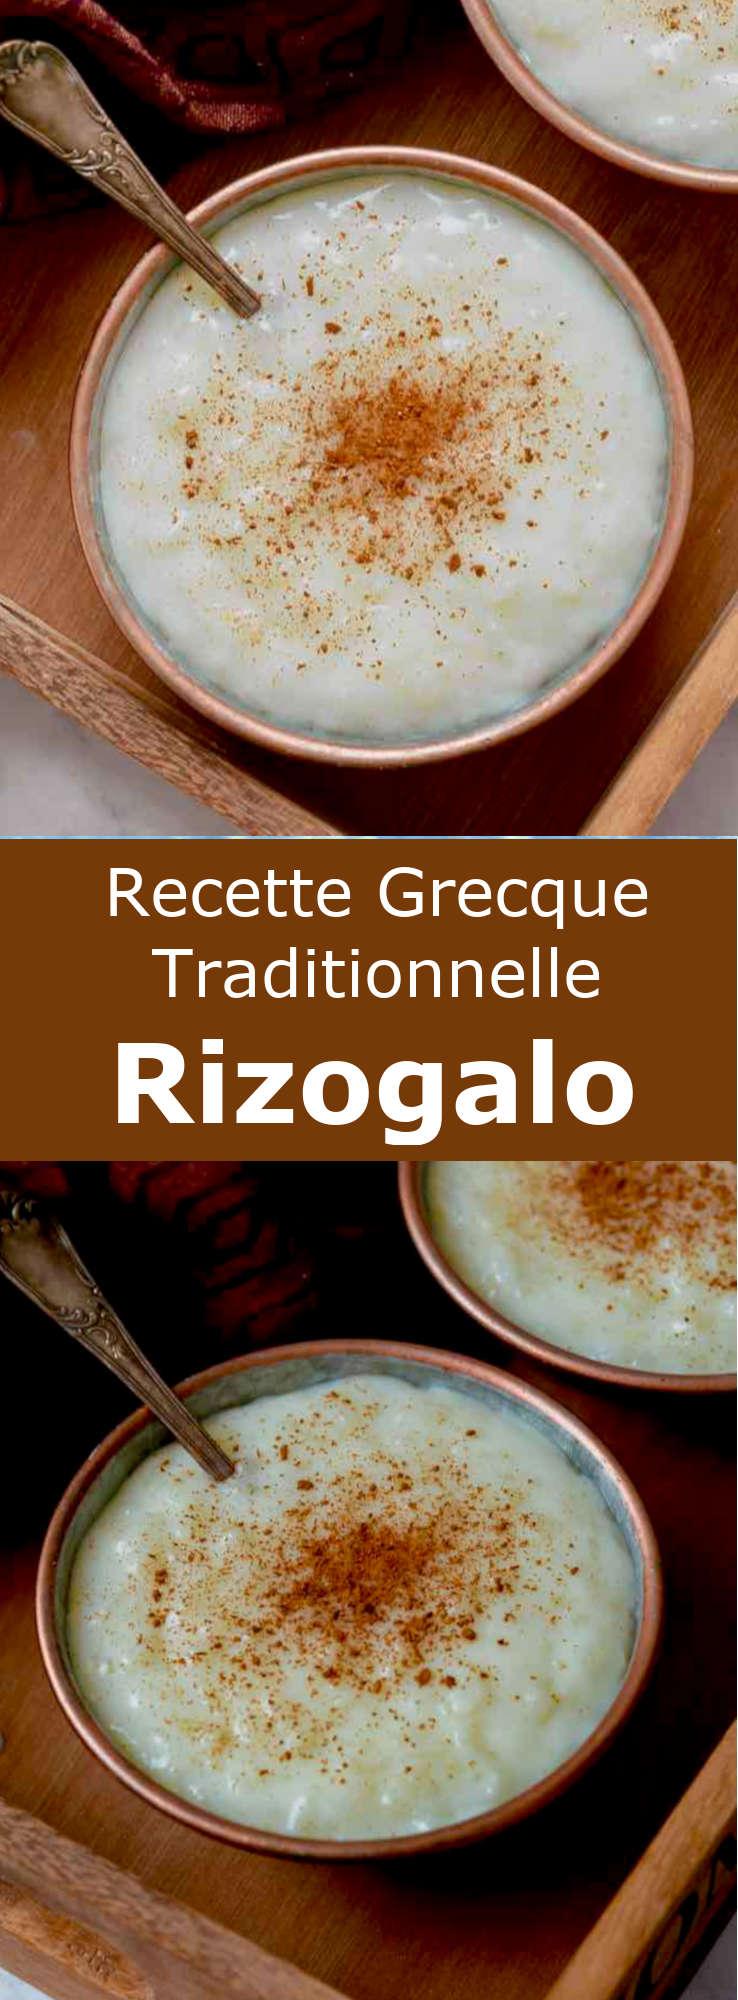 Le rizogalo (Ρυζόγαλο) est la délicieuse version grecque du traditionnel riz au lait, celui-ci étant parfumé à la vanille et de la cannelle. #Grece #RecetteGrecque #CuisineGrecque #CuisineMediterraneenne #CuisineDuMonde #196flavors